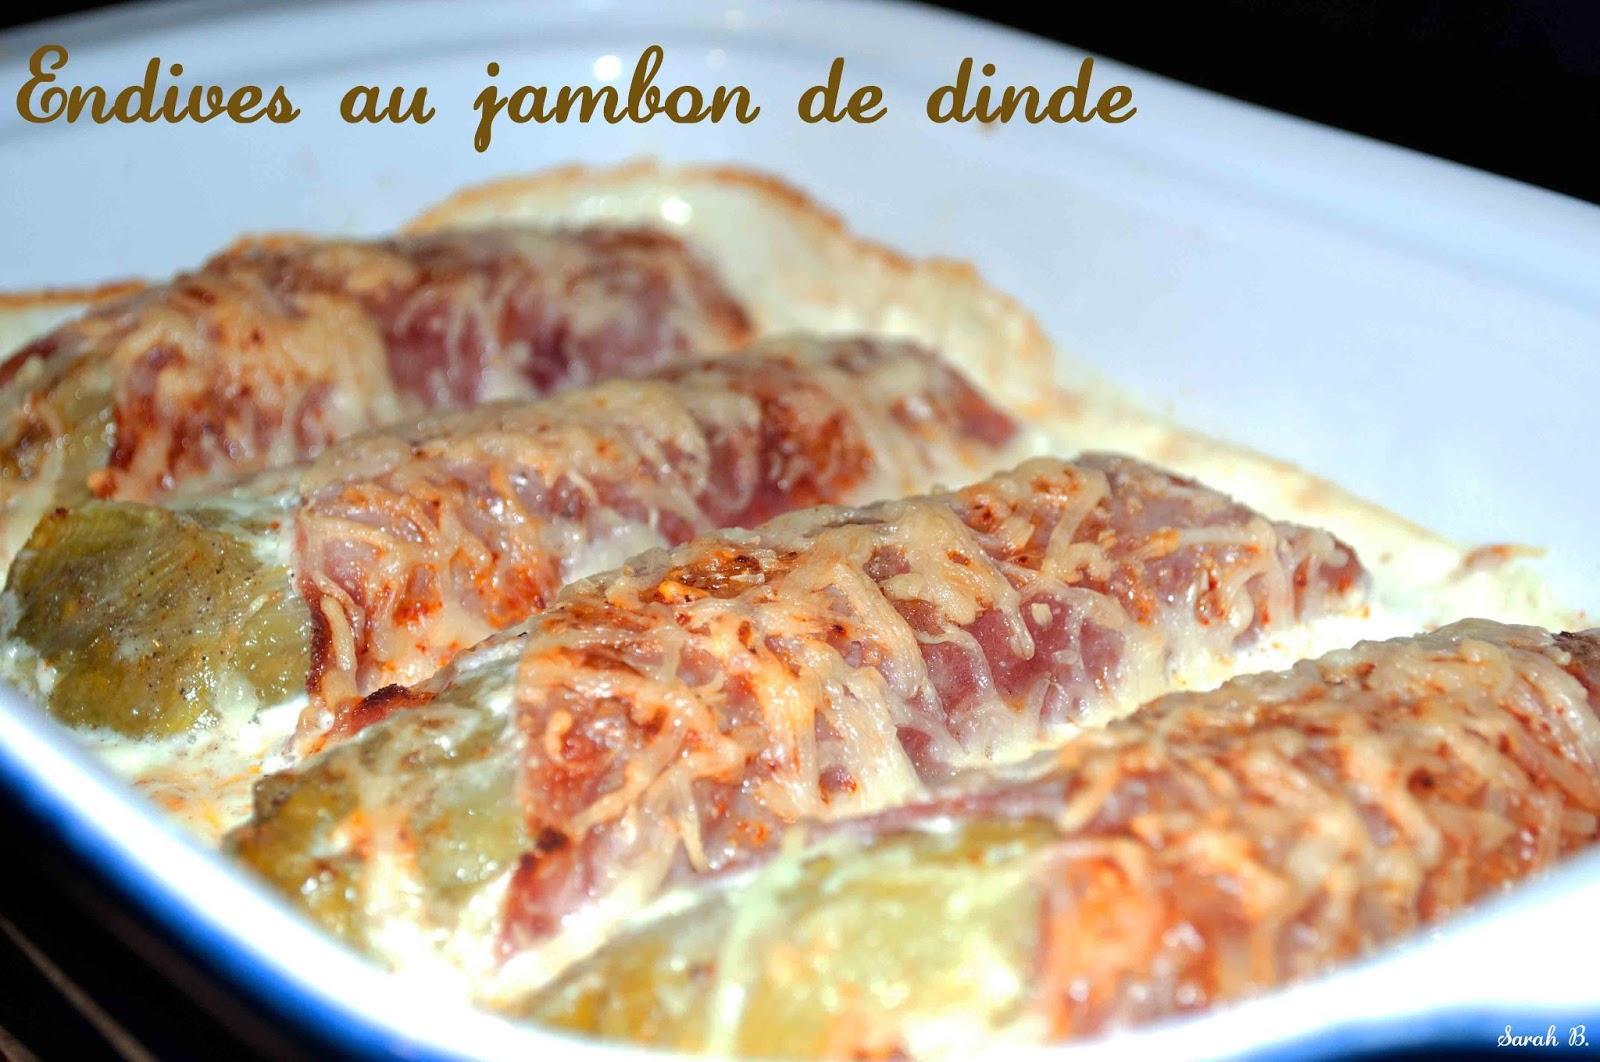 Endives au jambon de dinde blogs de cuisine - Recette endives au jambon ...